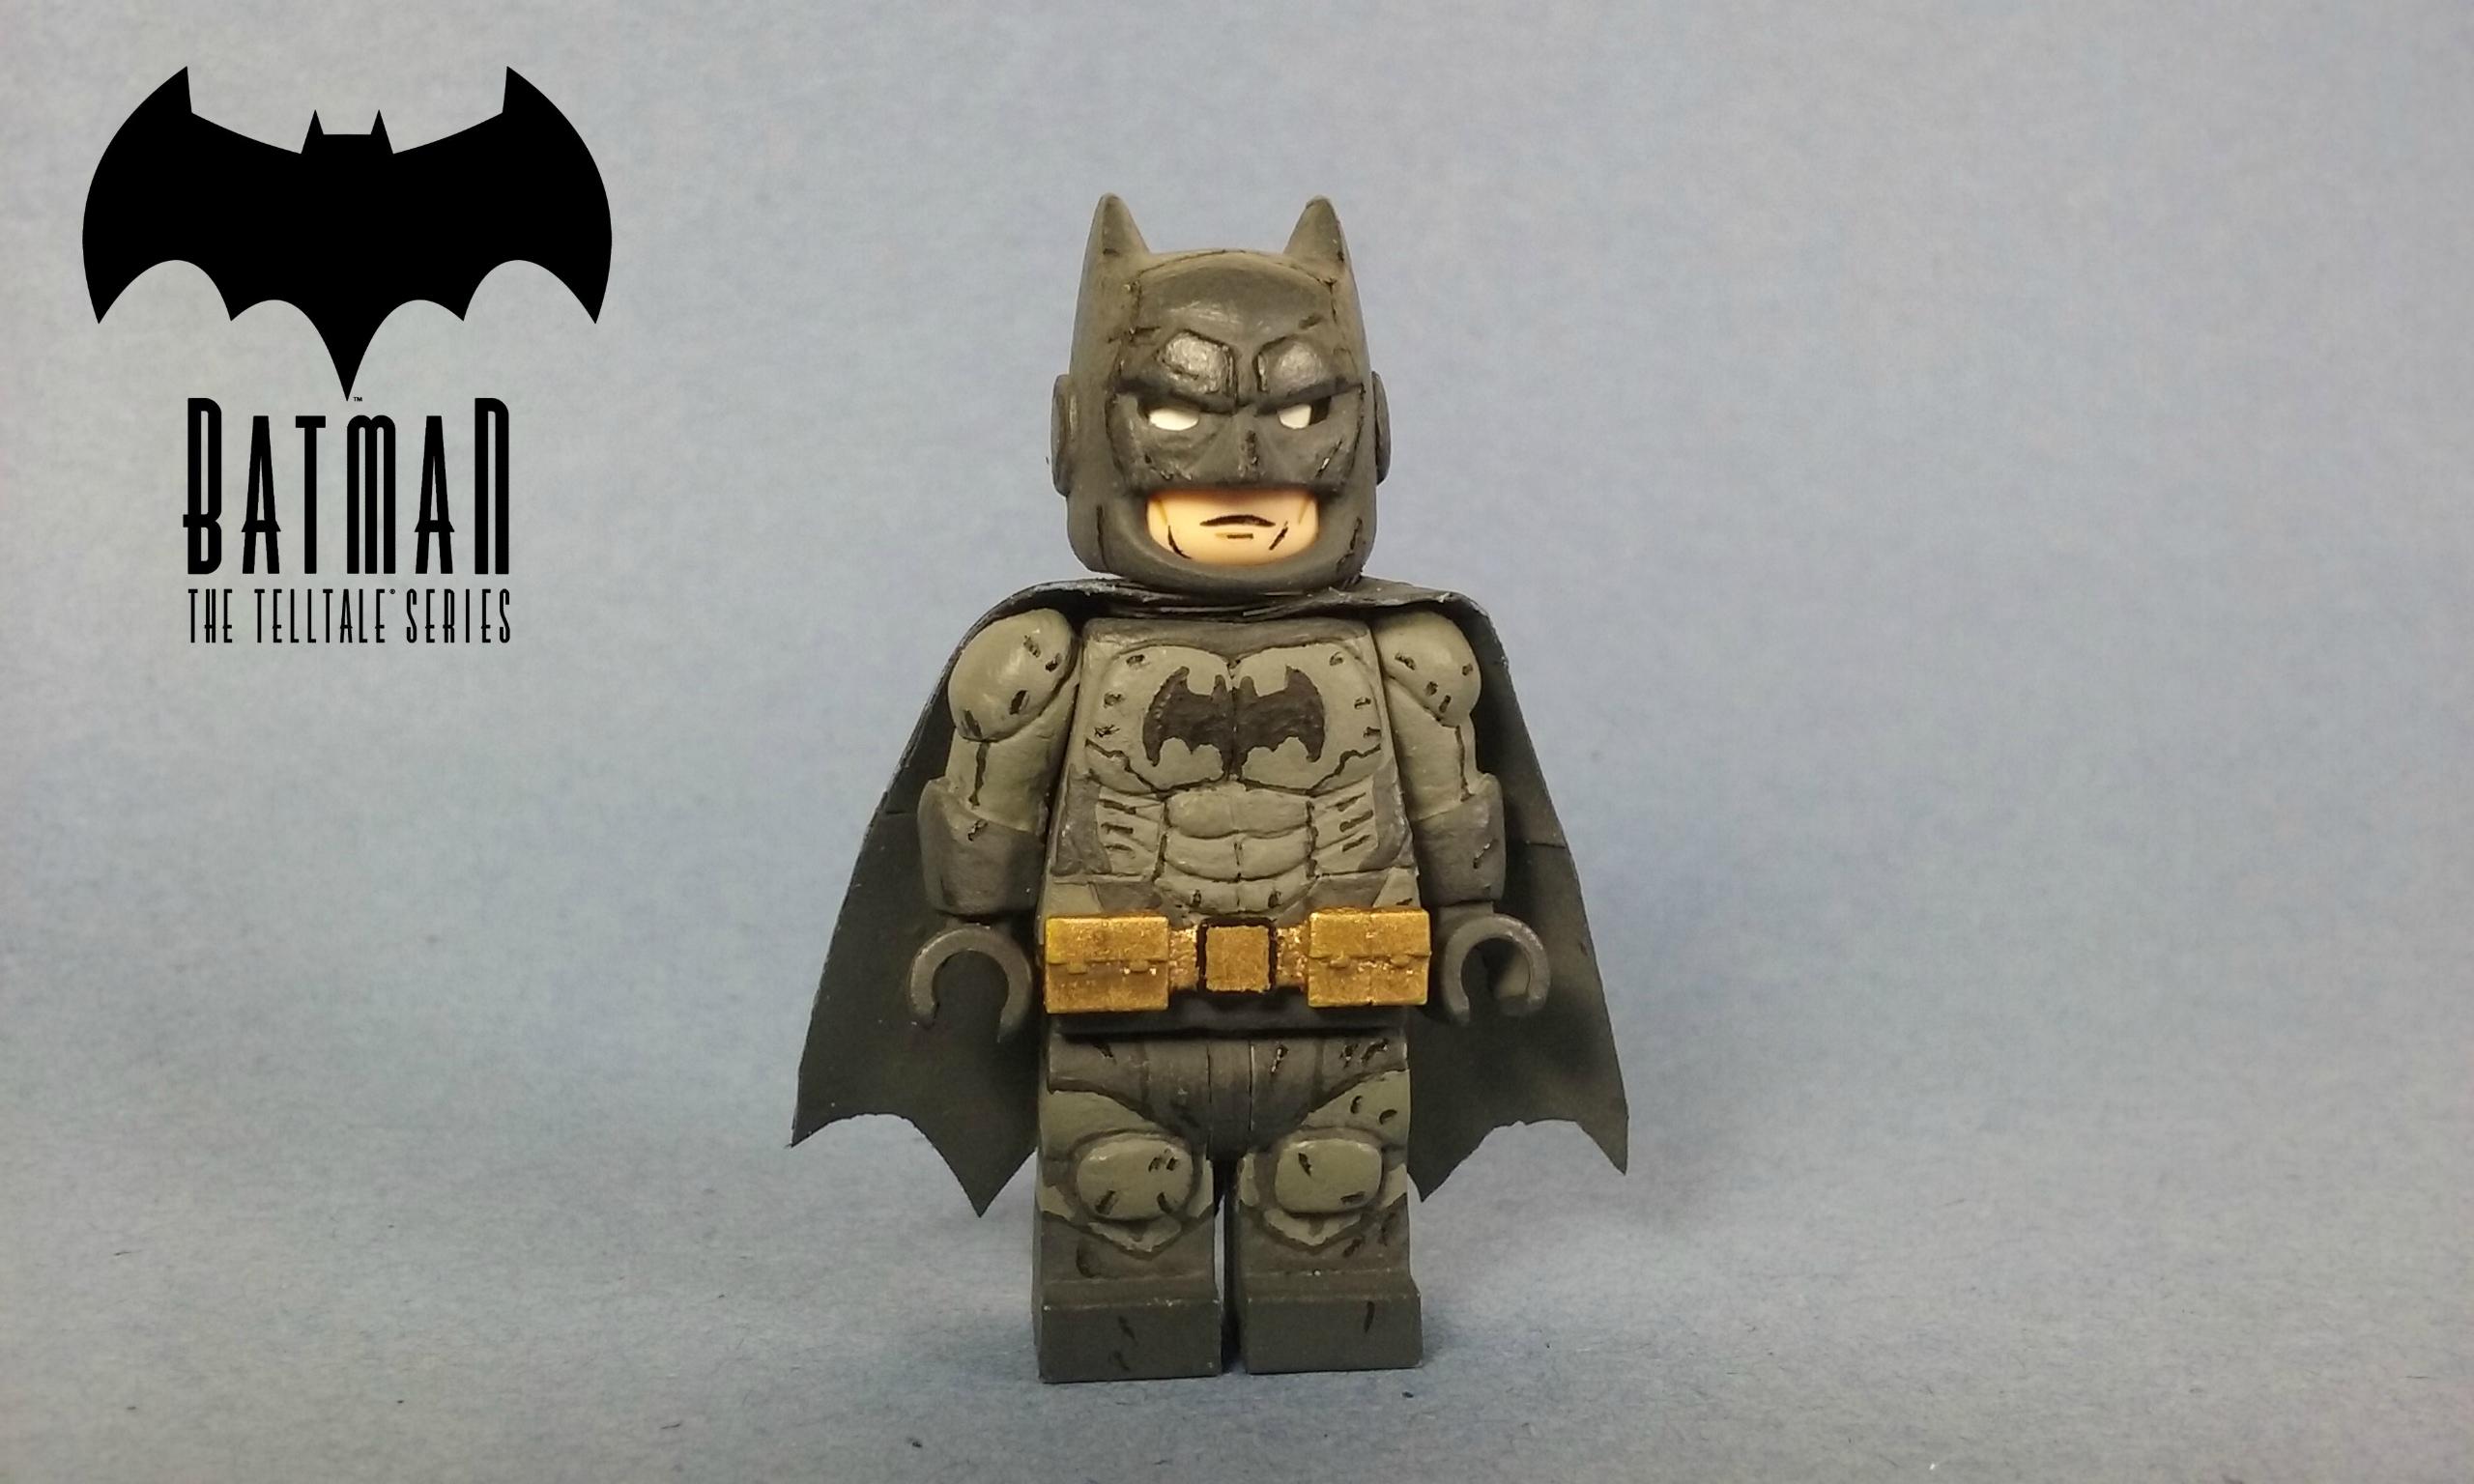 Wallpaper Batman Legobatman Telltale 2560x1536